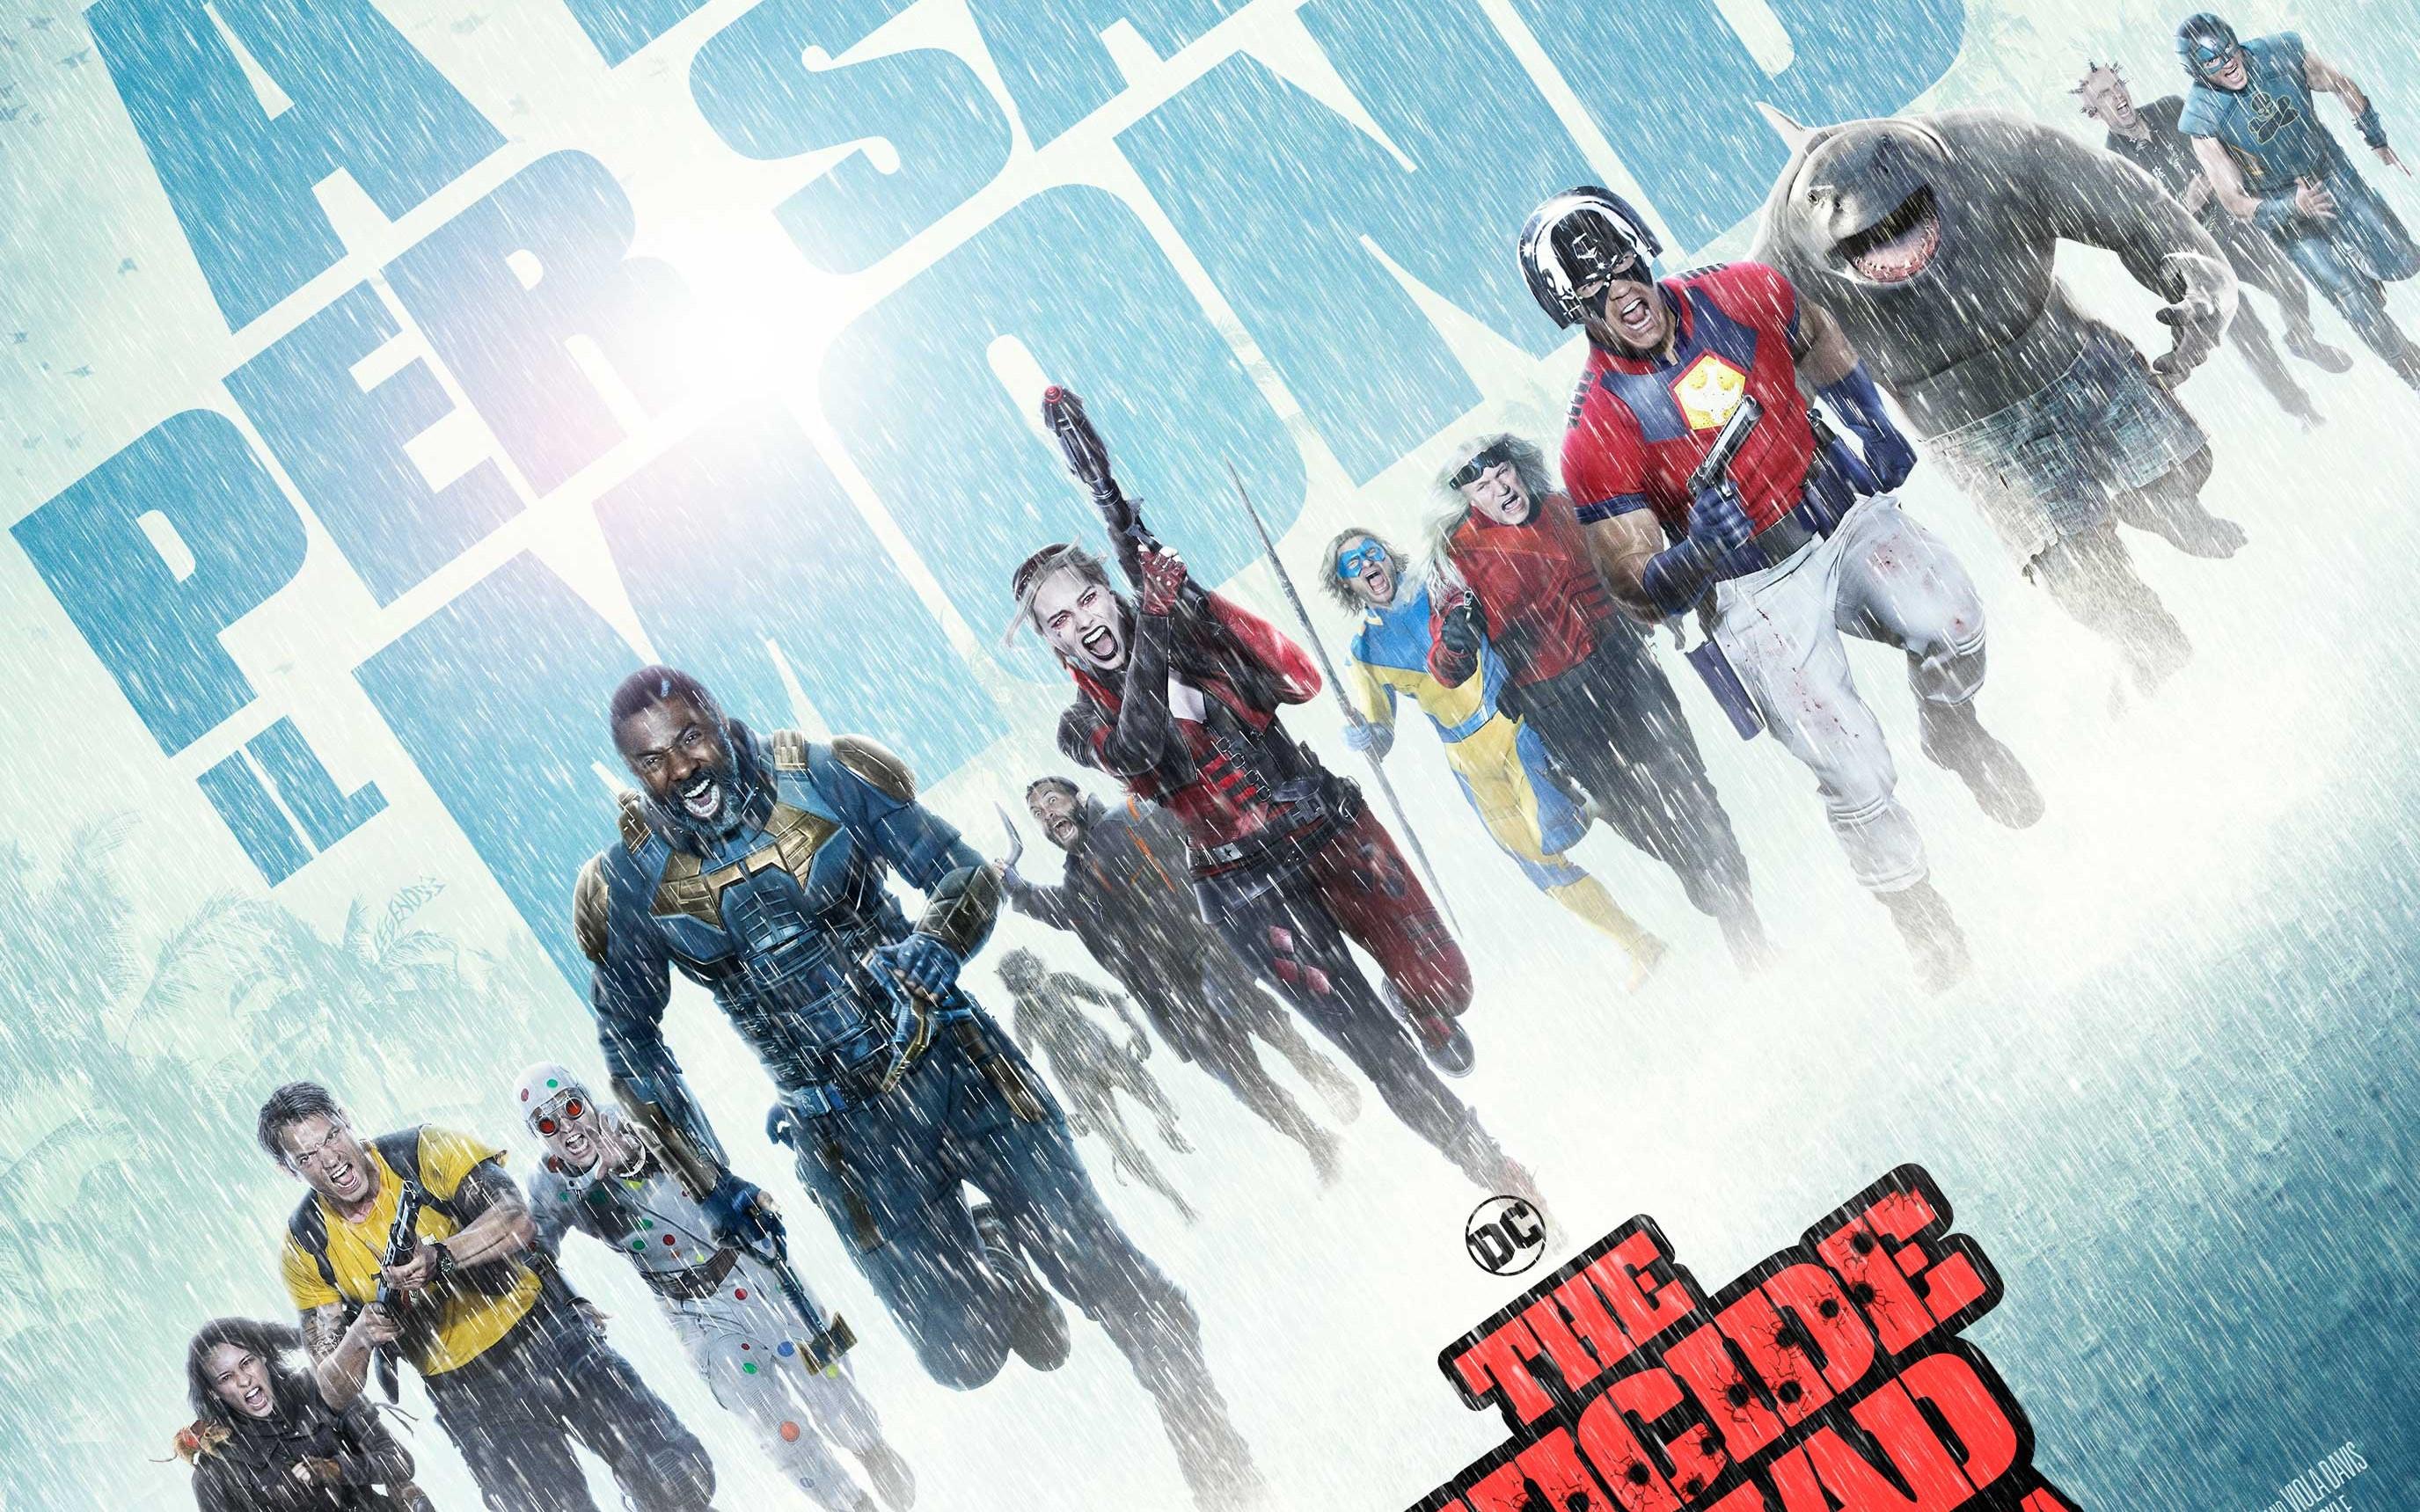 The Suicide Squad Missione Suicida, trama cast e nuovo trailer